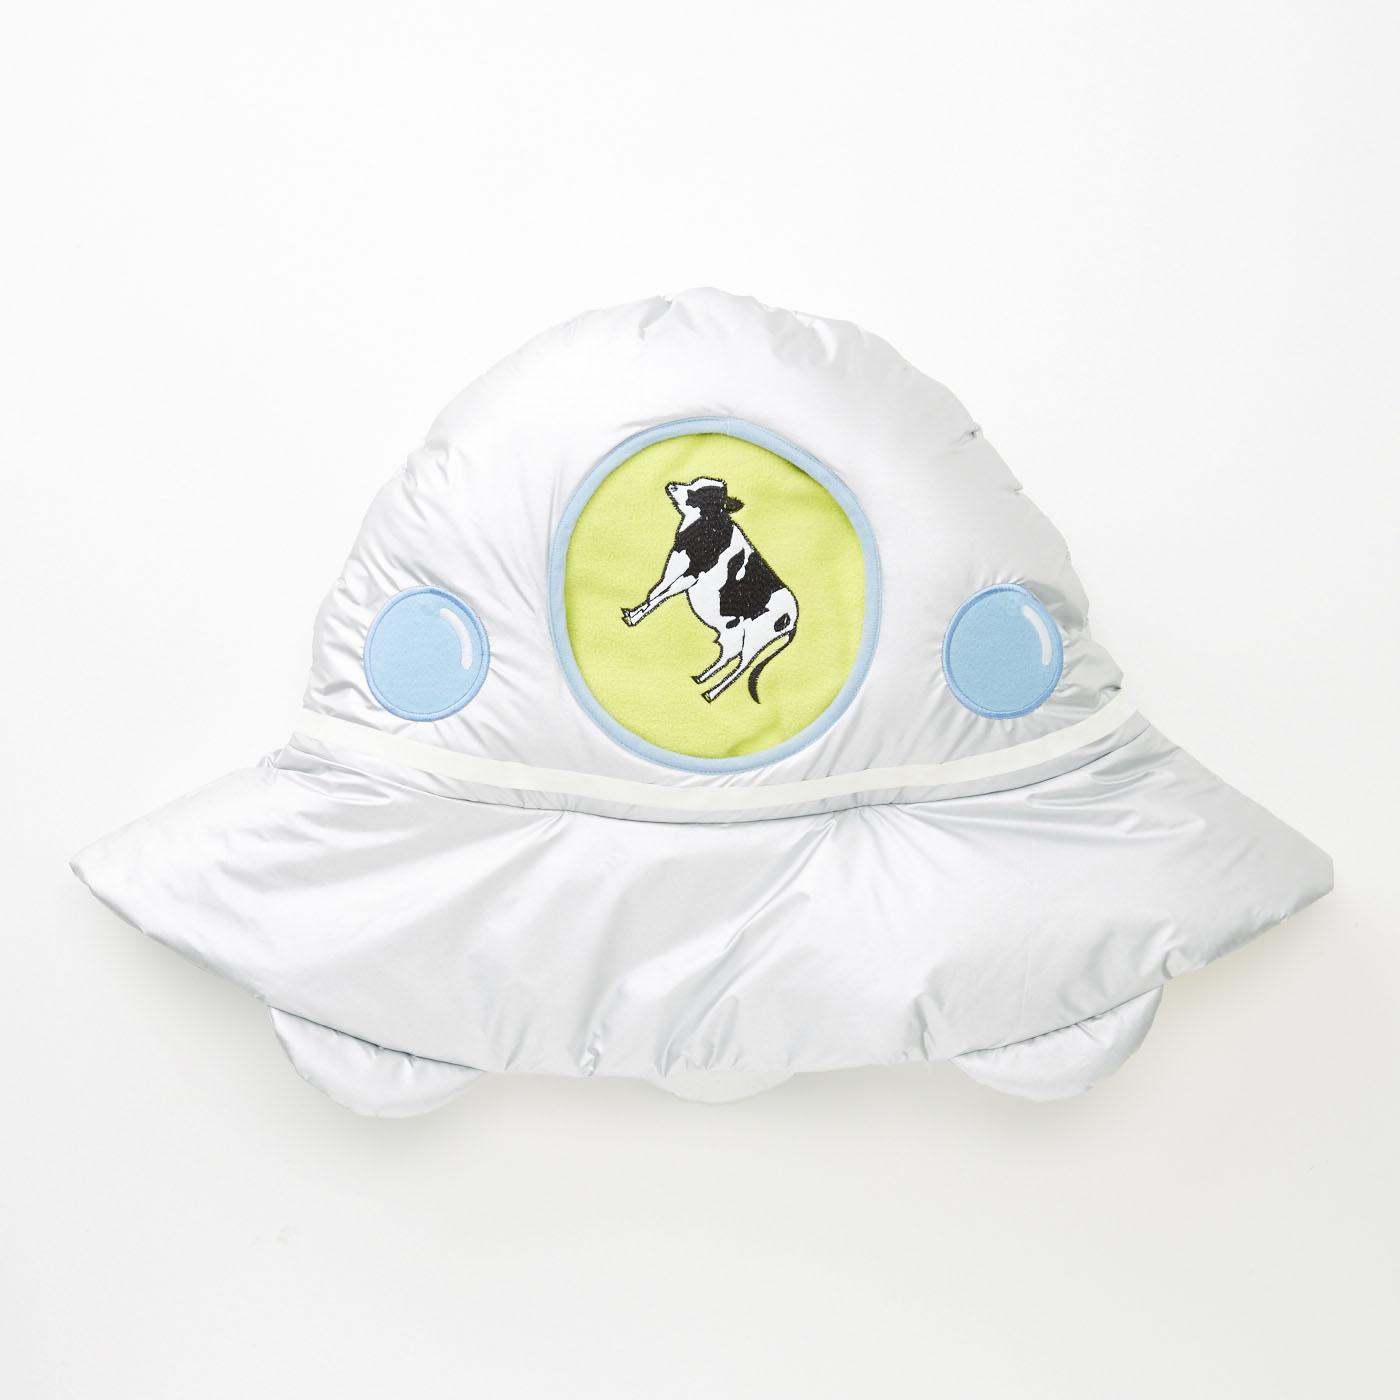 毛布をくるくる畳んでUFOに収納すればクッションに。窓からは捕らわれた牛が覗きます。